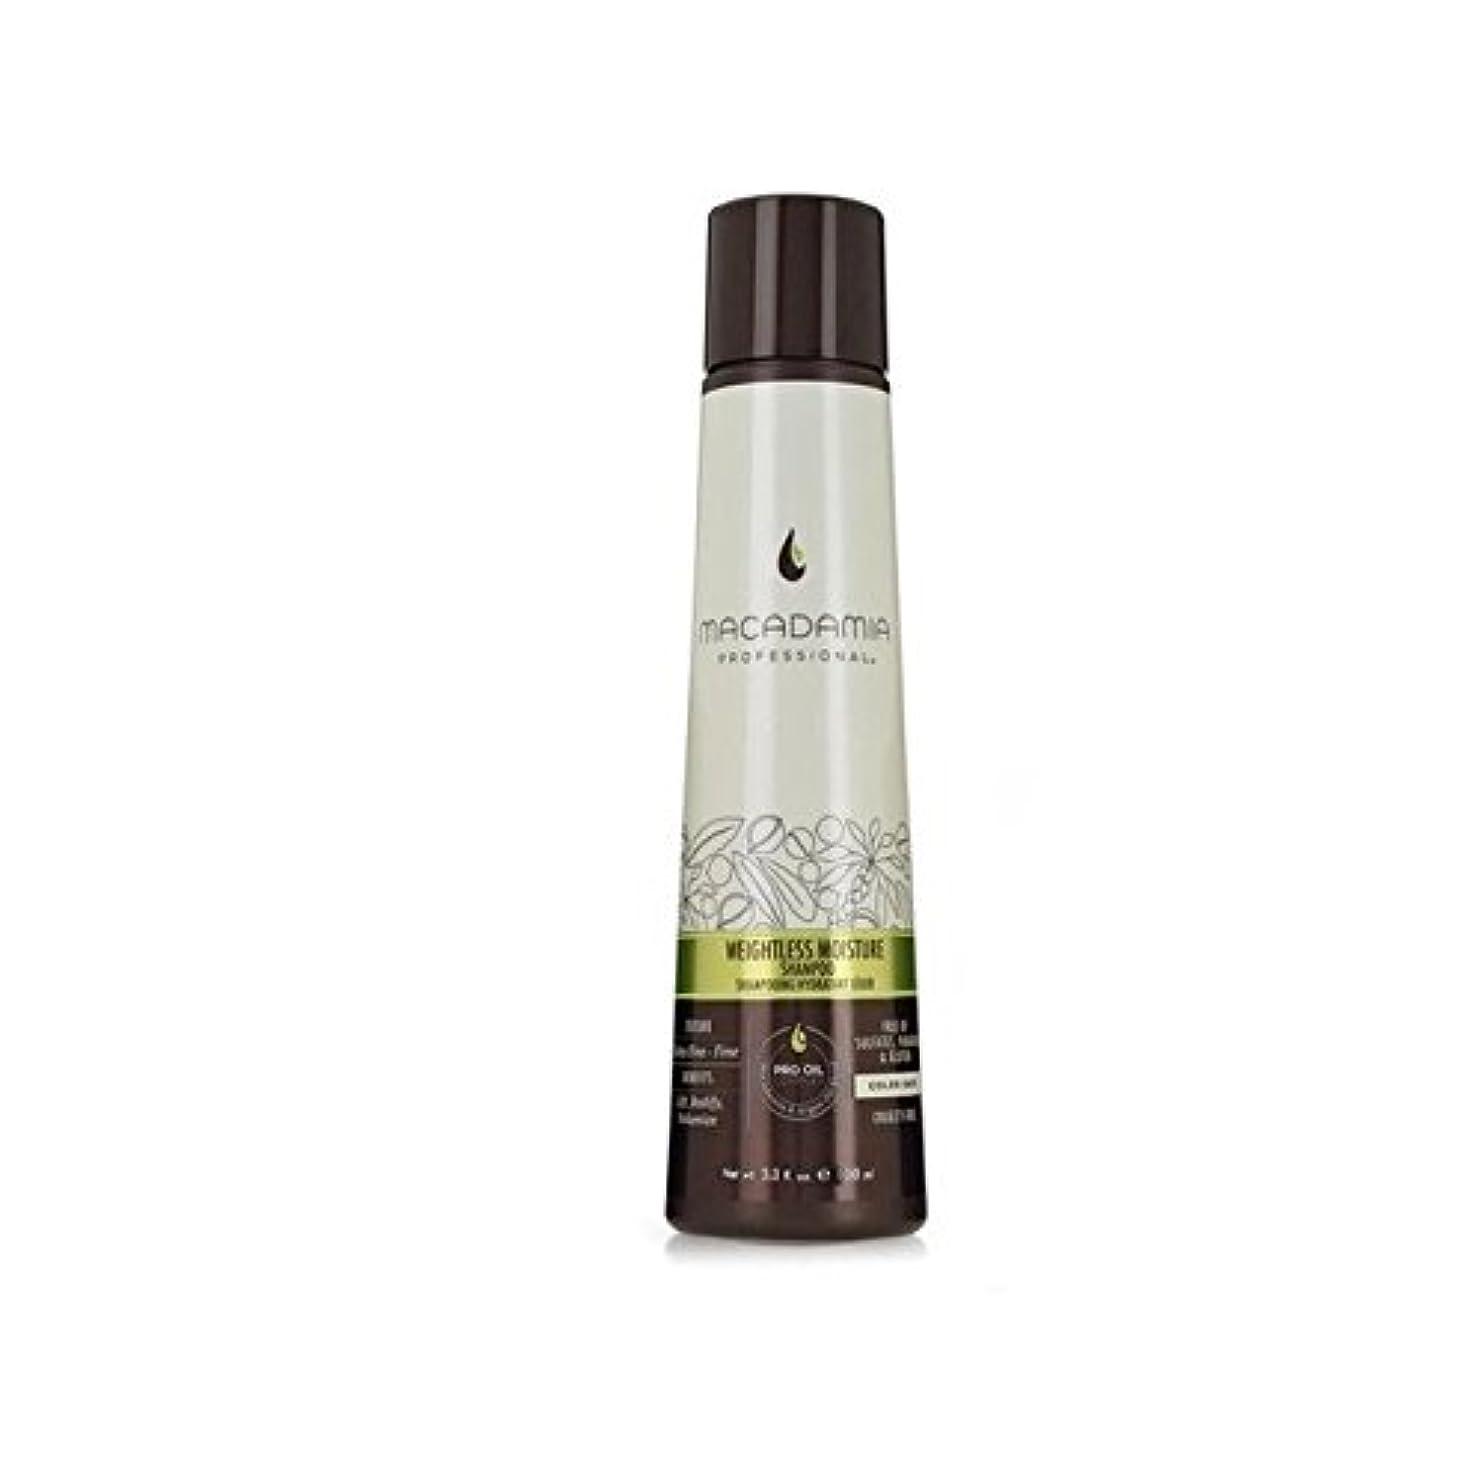 矩形尾山積みのマカダミア無重力水分シャンプー(100ミリリットル) x4 - Macadamia Weightless Moisture Shampoo (100ml) (Pack of 4) [並行輸入品]